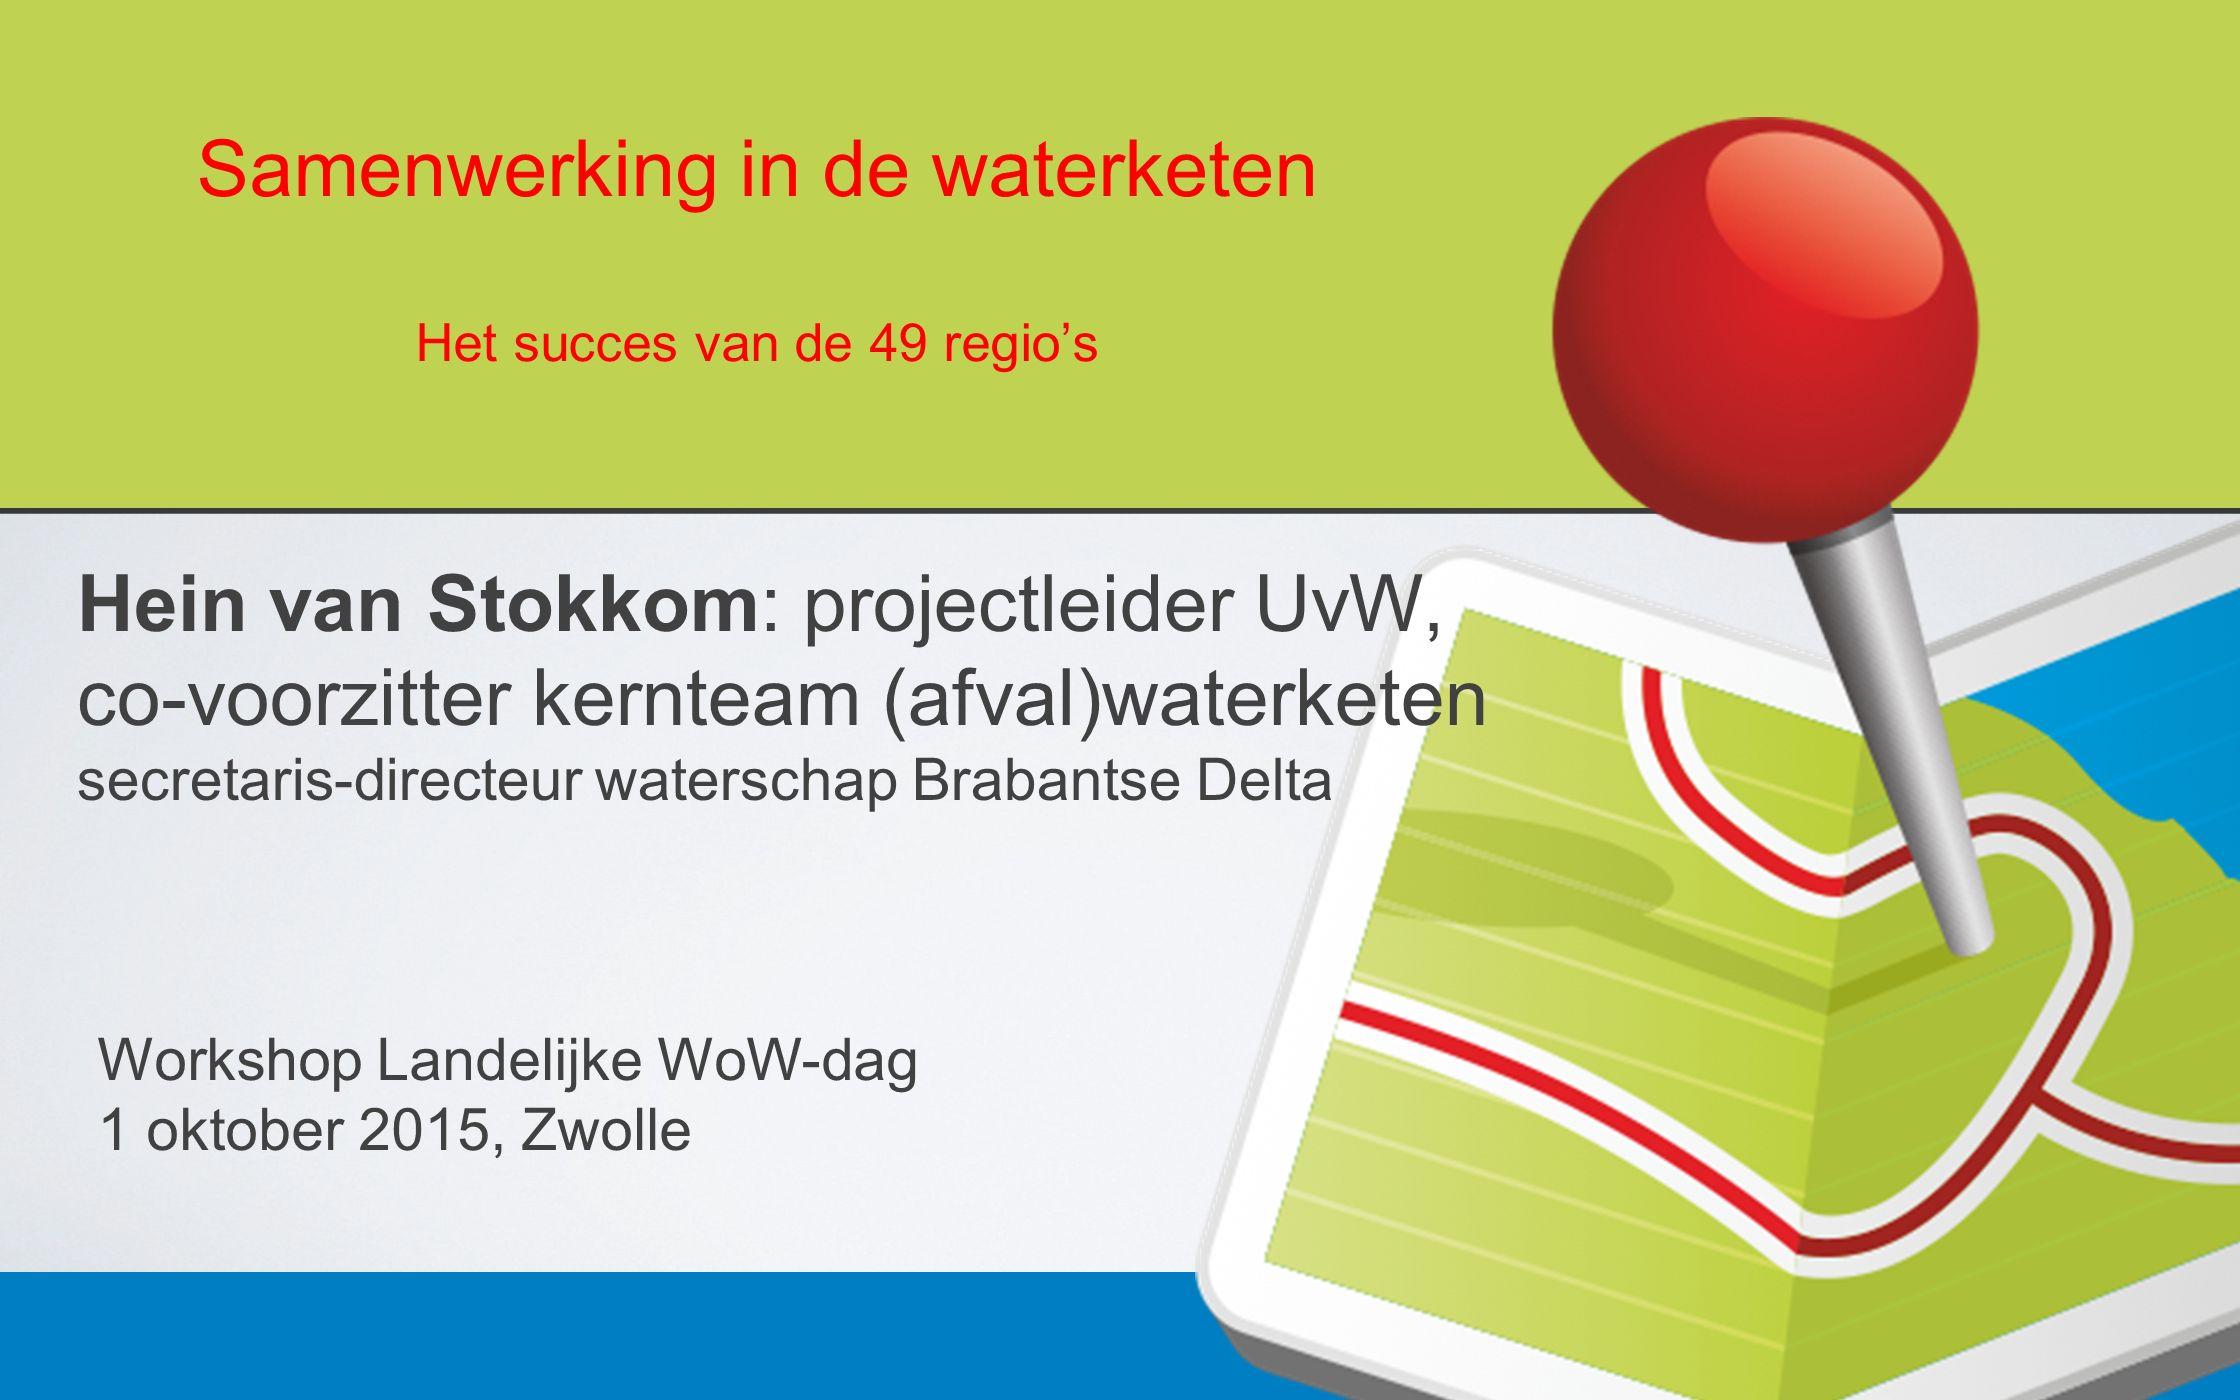 Samenwerking in de waterketen Het succes van de 49 regio's Hein van Stokkom: projectleider UvW, co-voorzitter kernteam (afval)waterketen secretaris-directeur waterschap Brabantse Delta Workshop Landelijke WoW-dag 1 oktober 2015, Zwolle